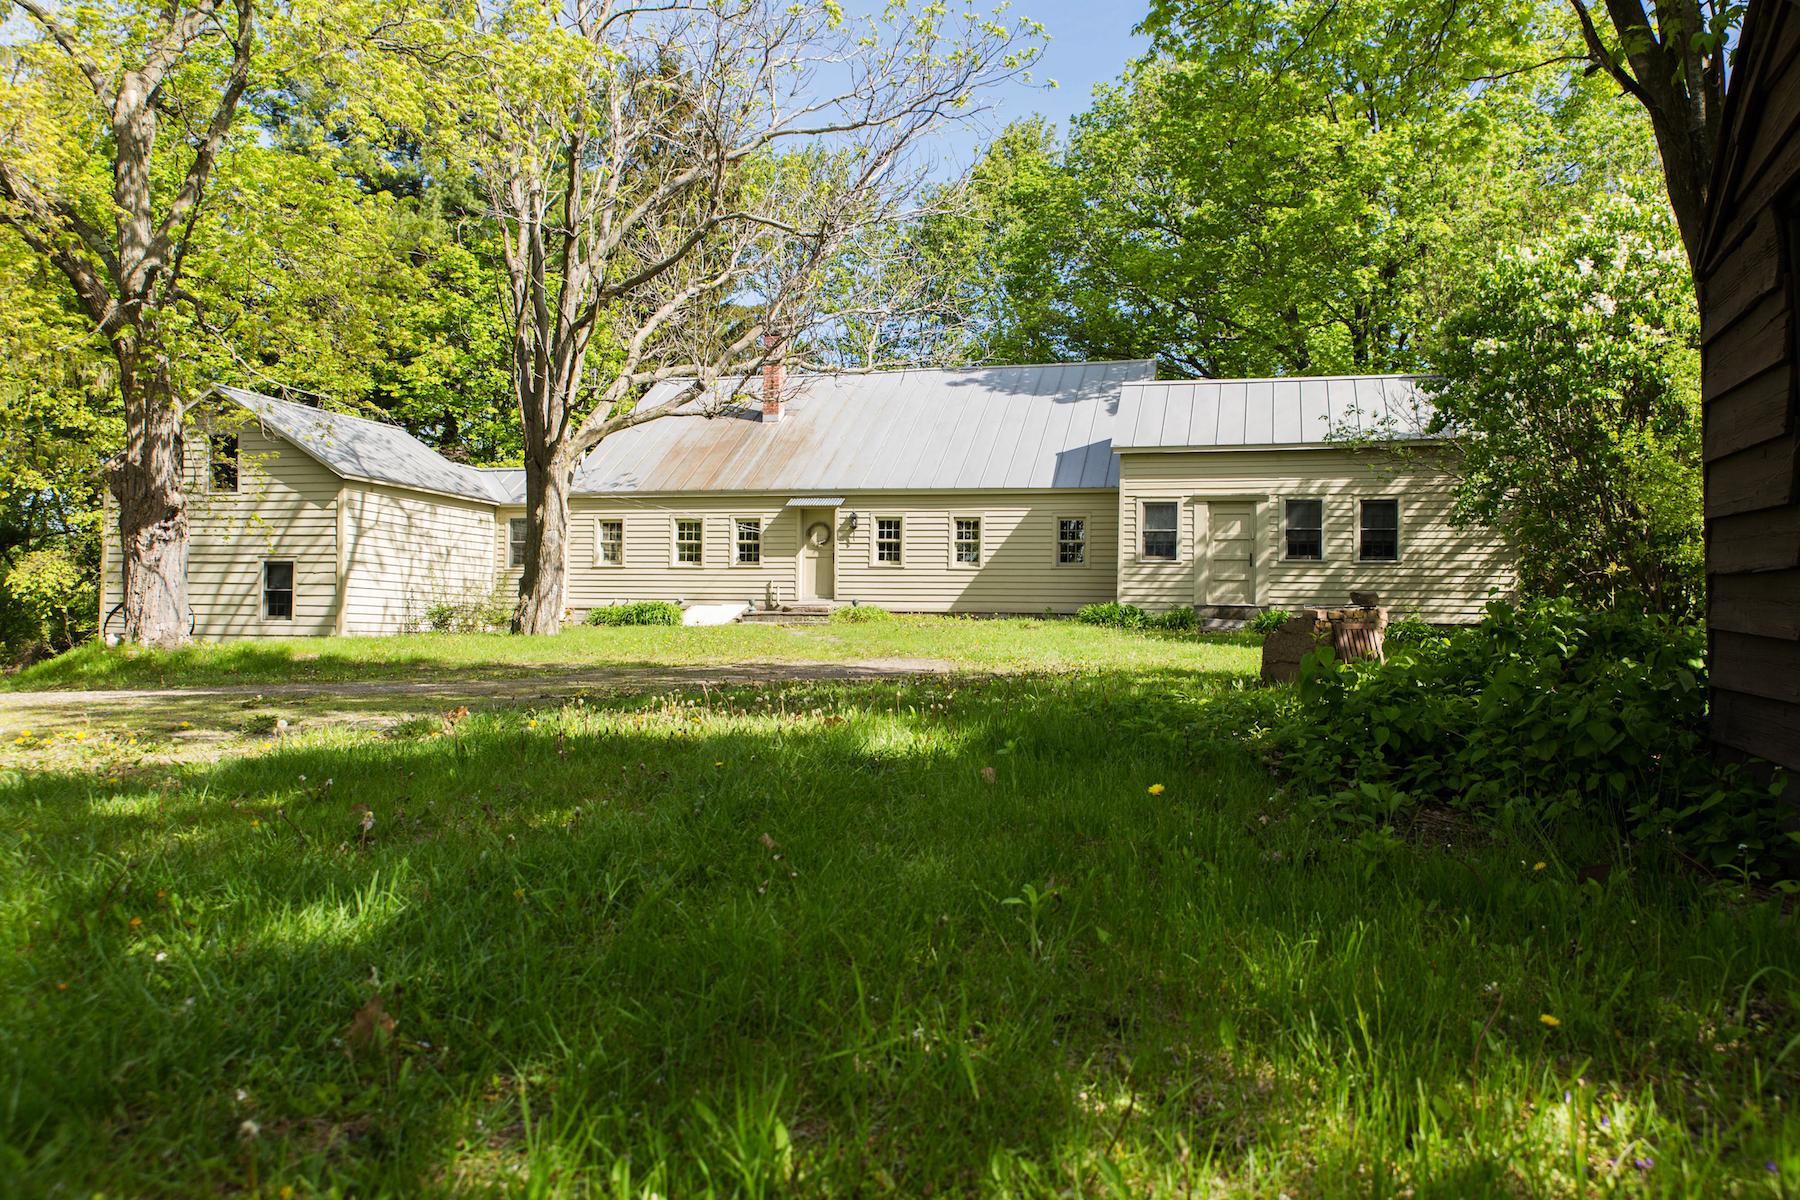 独户住宅 为 销售 在 Restored Farmhouse in a Quiet and Peaceful Setting 433 Bullock Rd Slingerlands, 纽约州 12159 美国